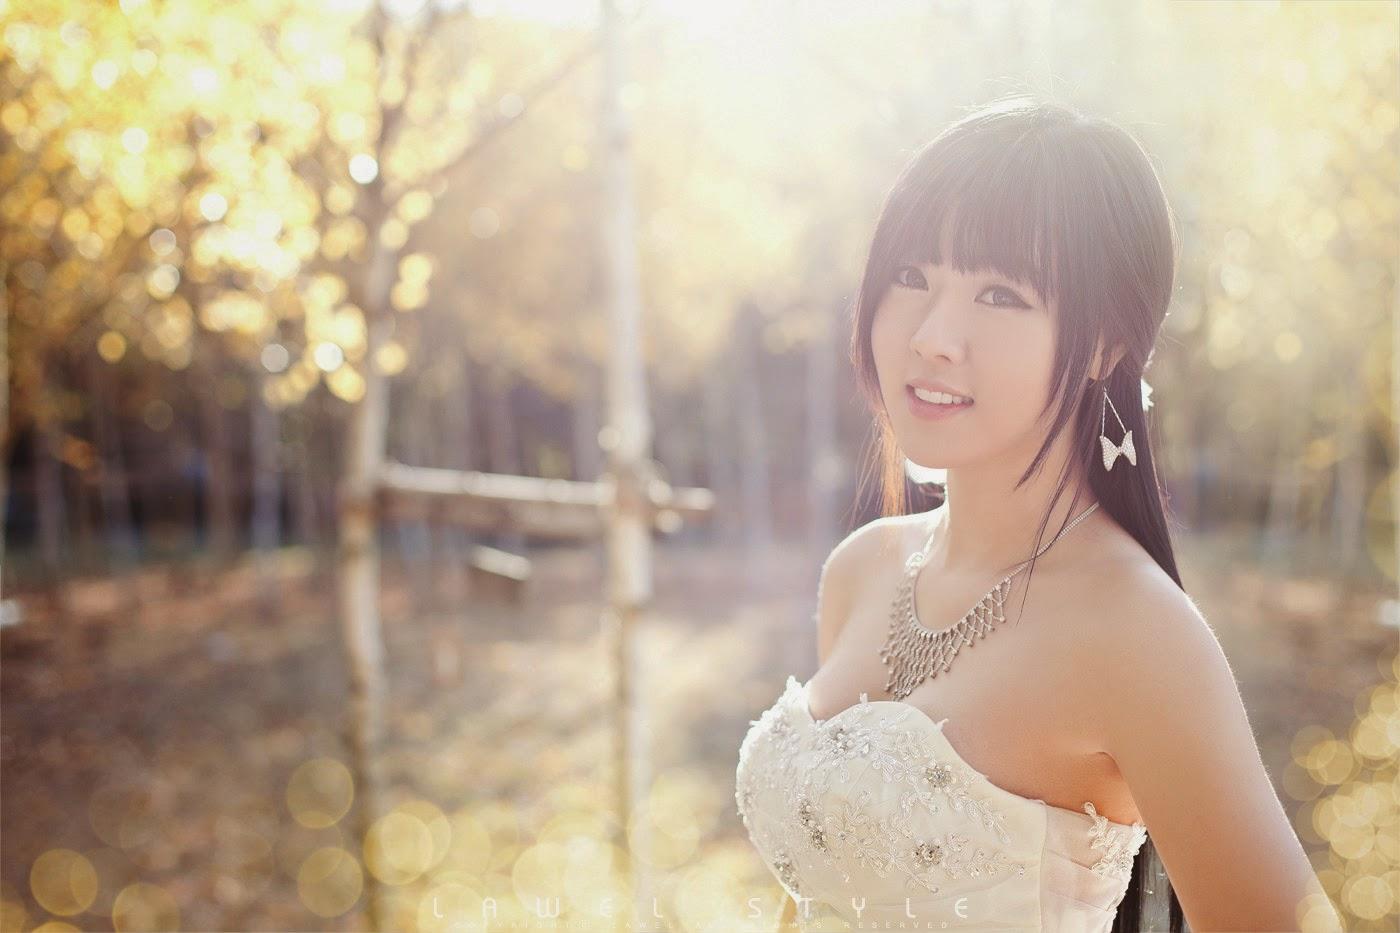 [Hwang Mi Hee] 2012.10.23